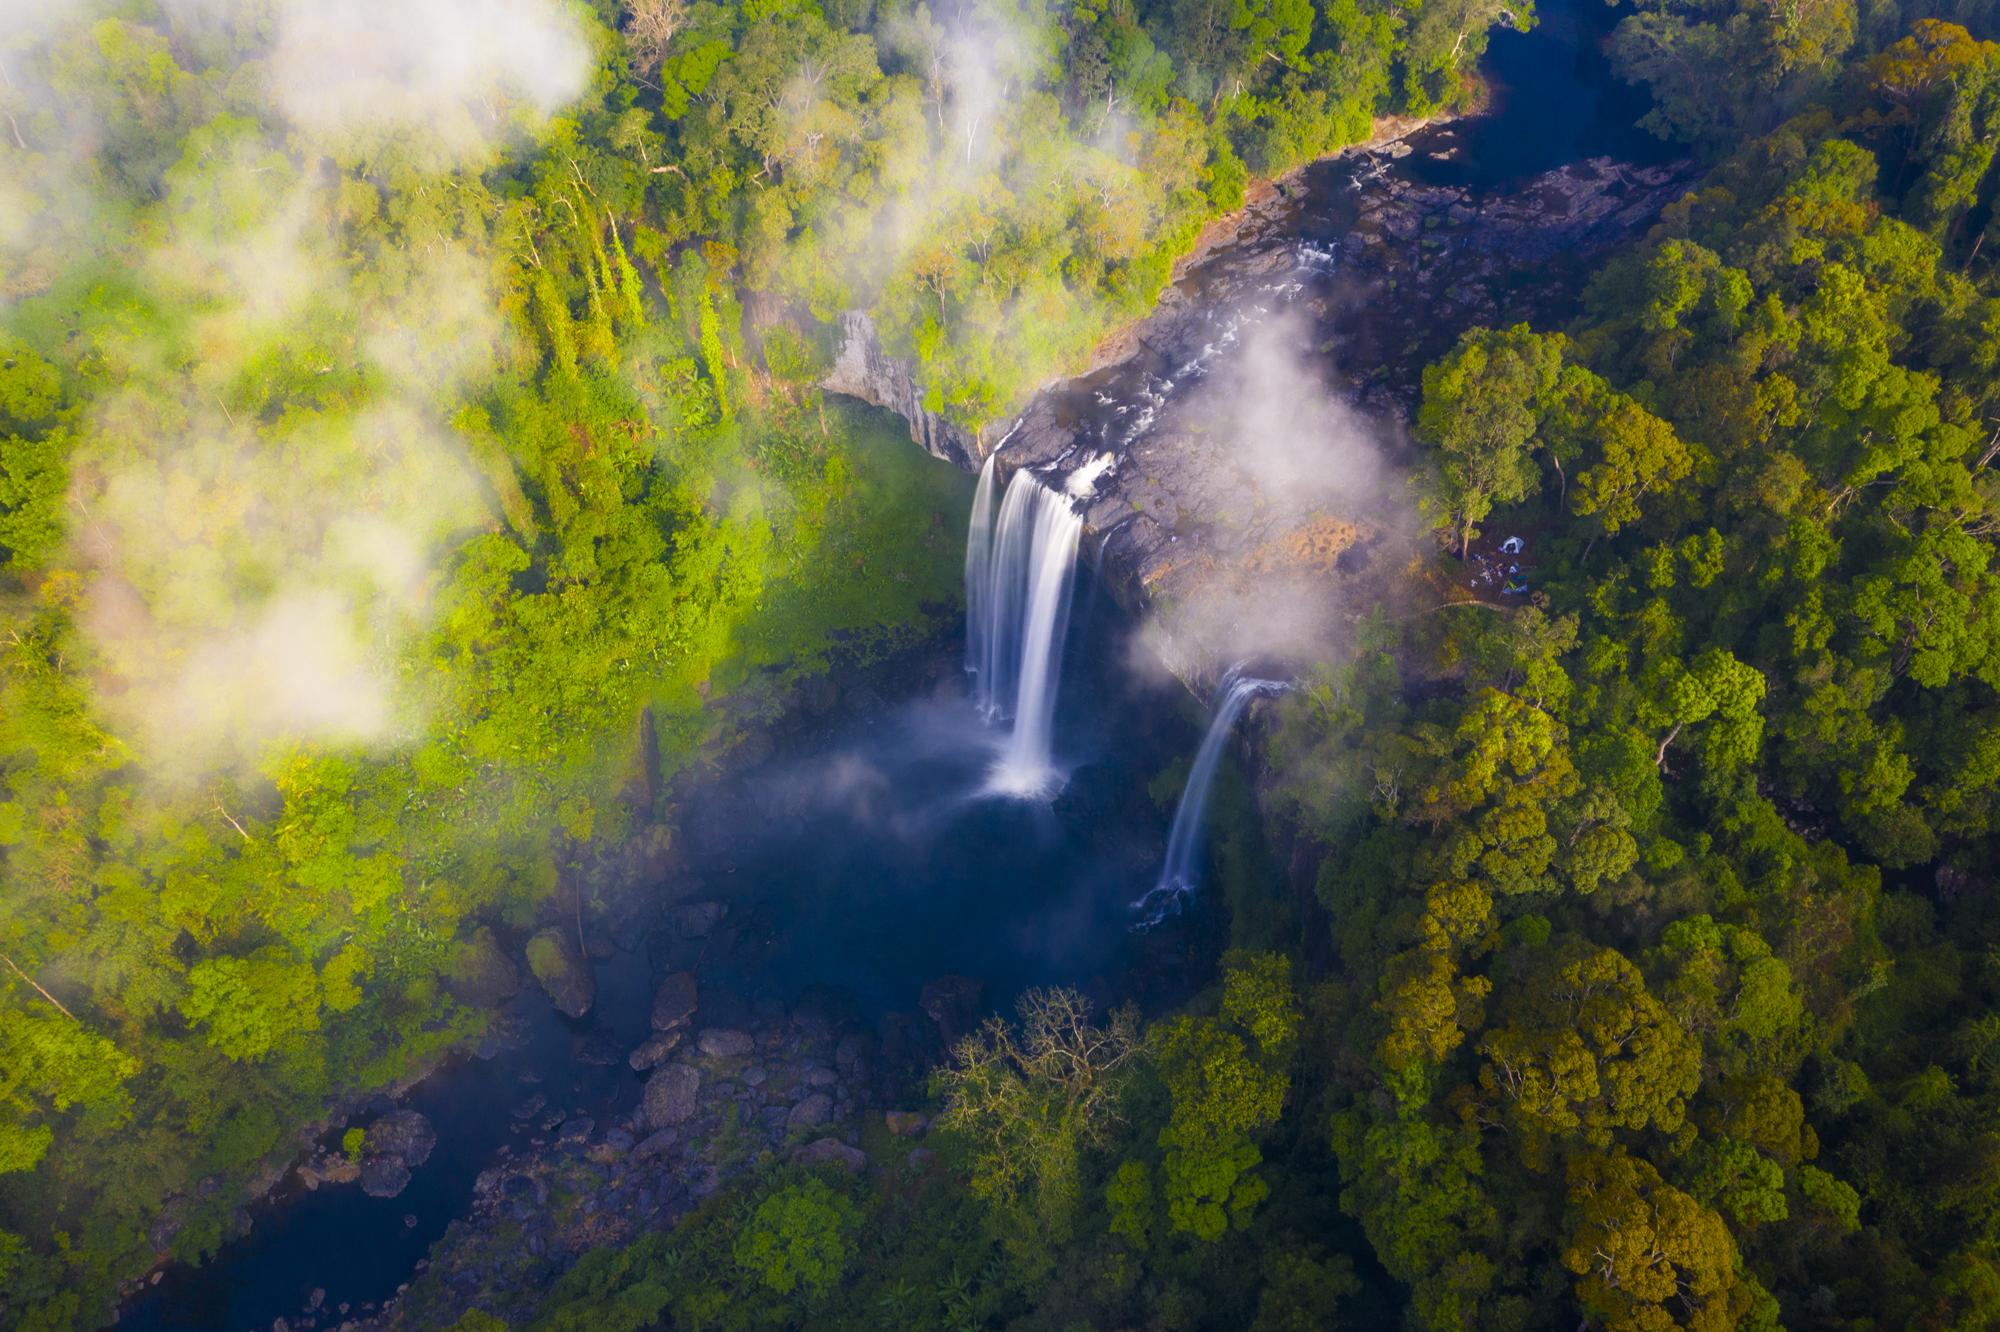 Ngắm thác nước được ví như 'nàng công chúa ngủ trong rừng' ở Tây Nguyên - Ảnh 3.